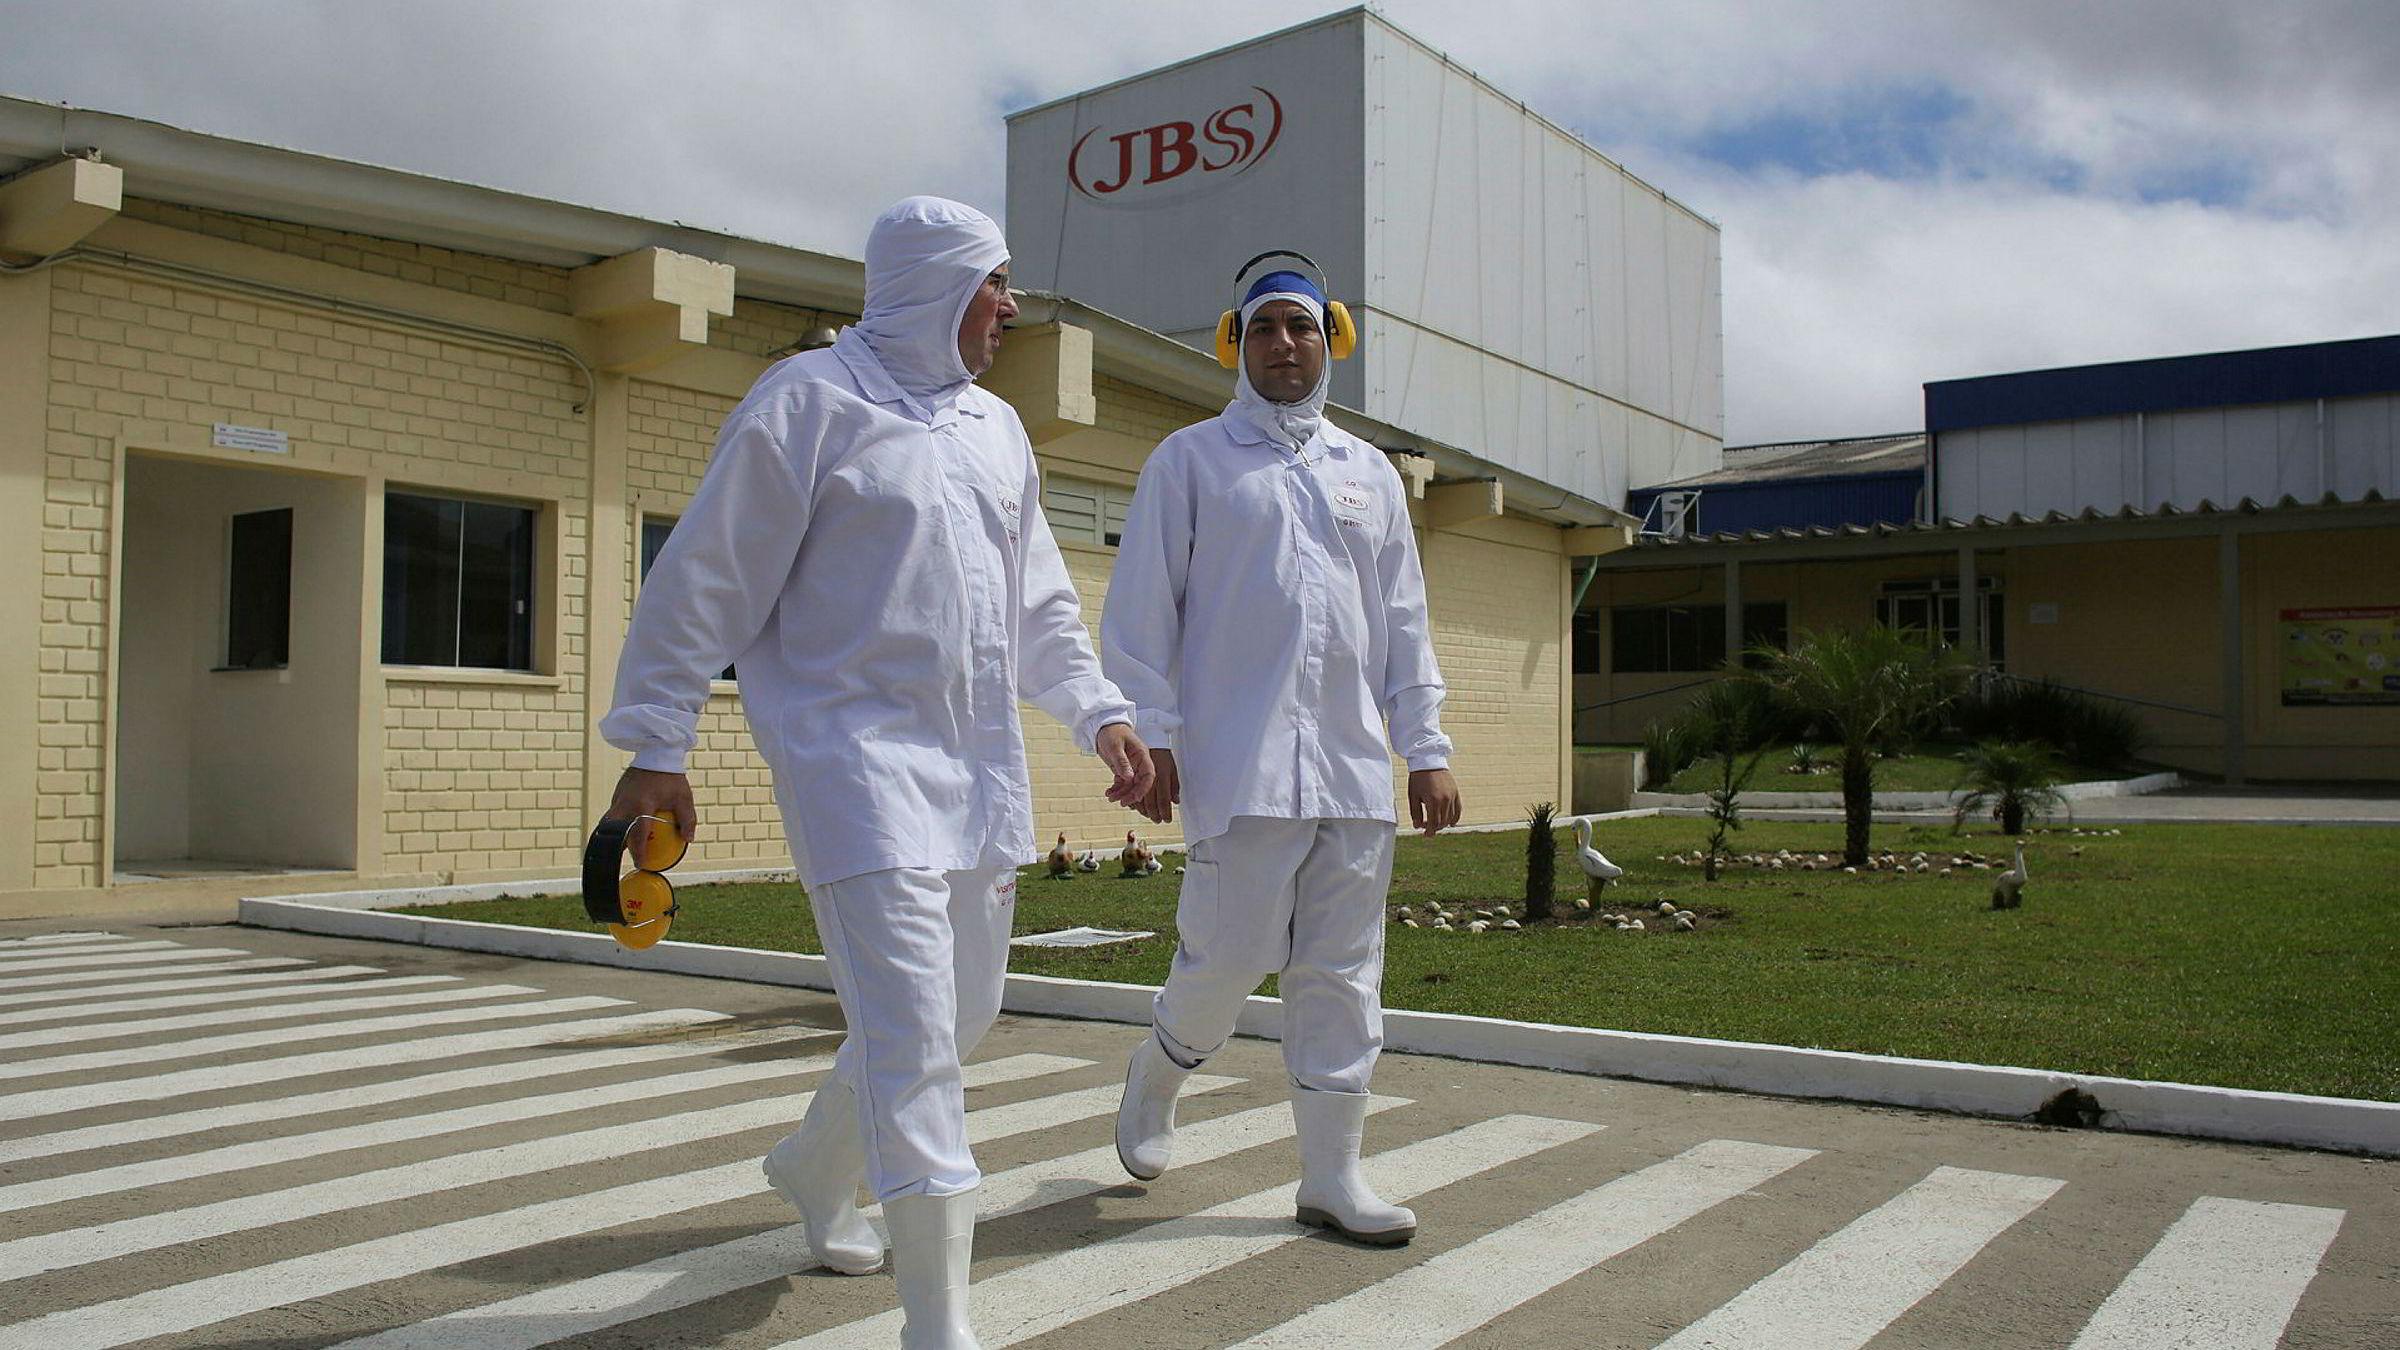 Ansatte går utenfor bygningen til kjøttpakkeren JBS i Lapa i den brasilianske staten Parana.